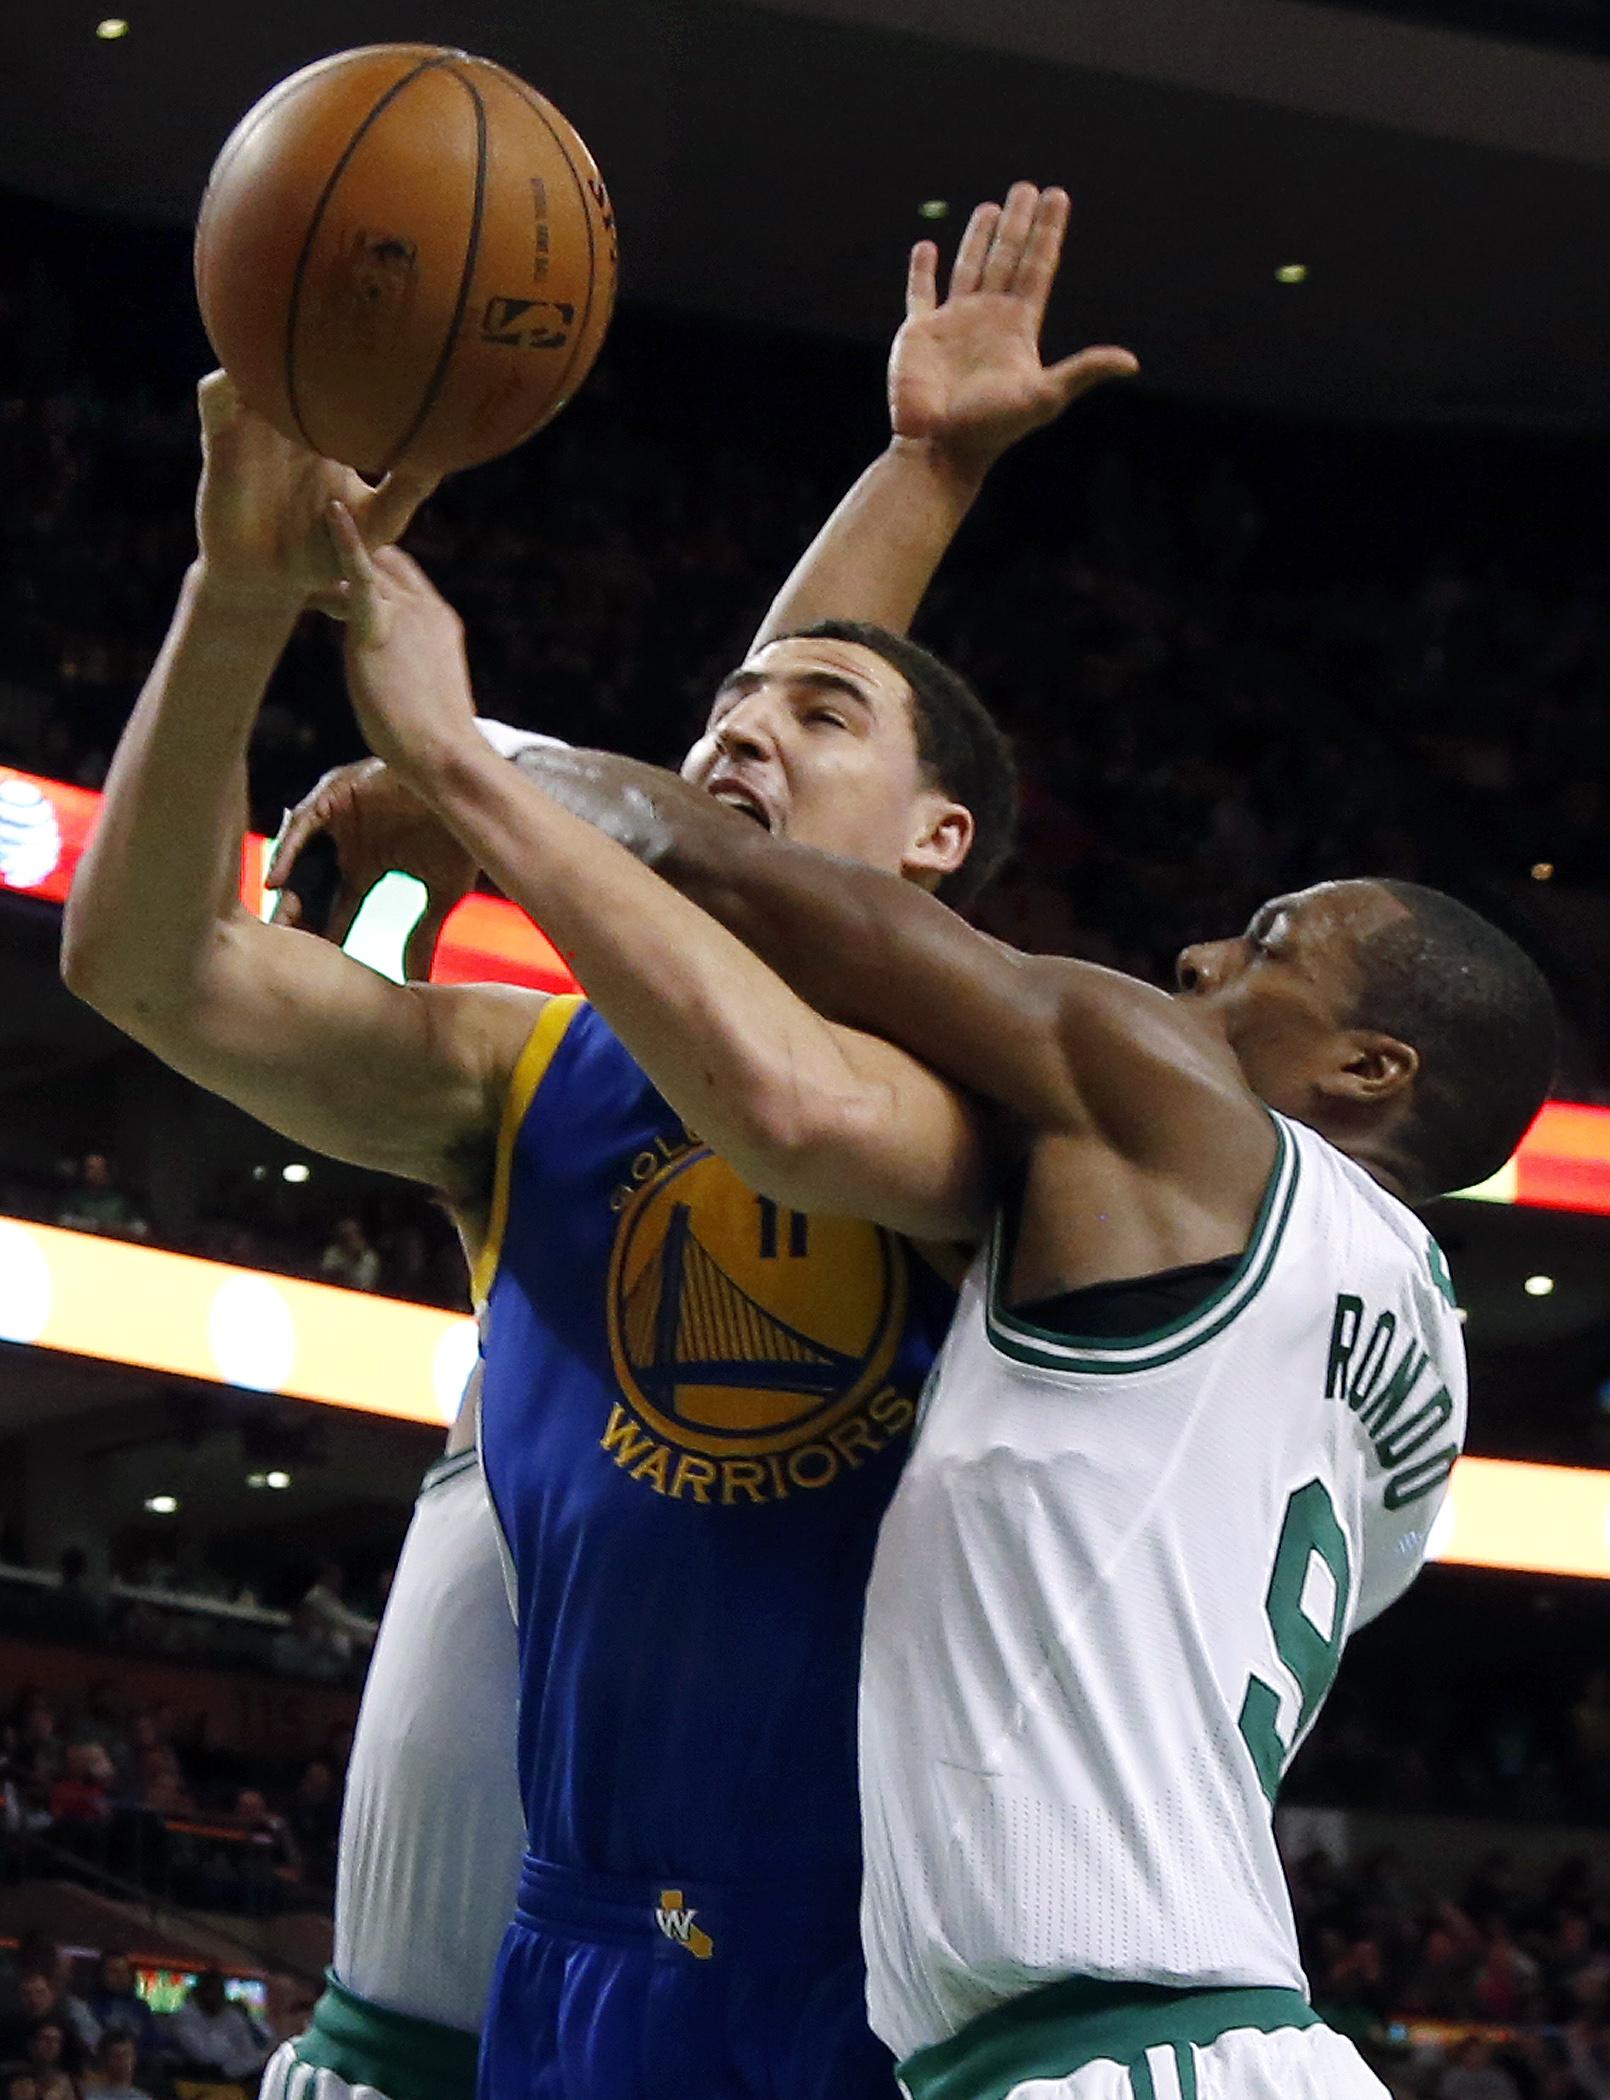 Thompson, Lee lead Warriors over Celtics 108-88